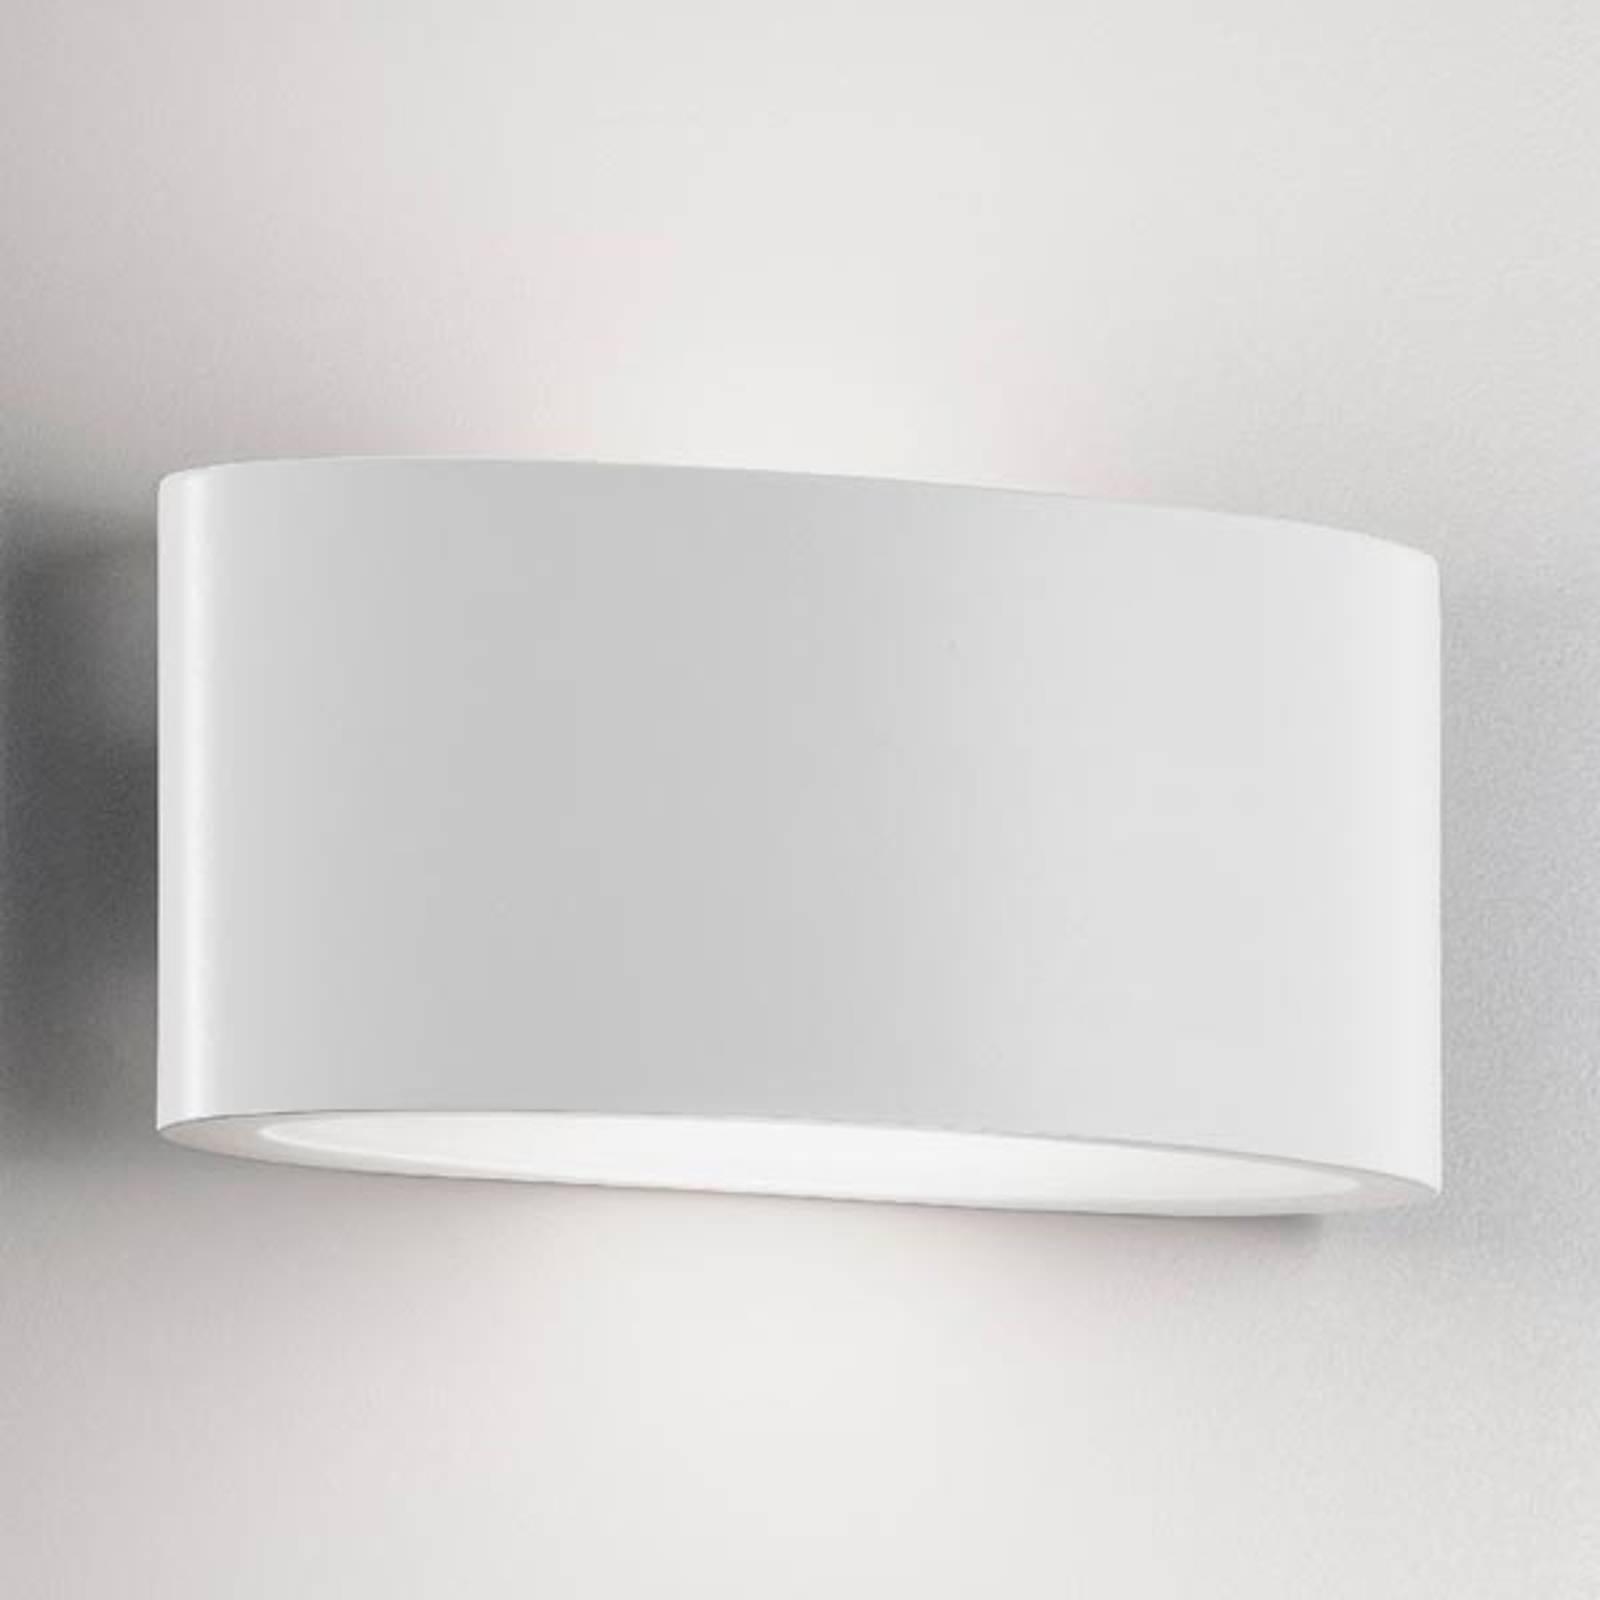 LED-ulkoseinälamppu Ovalino, valkoinen